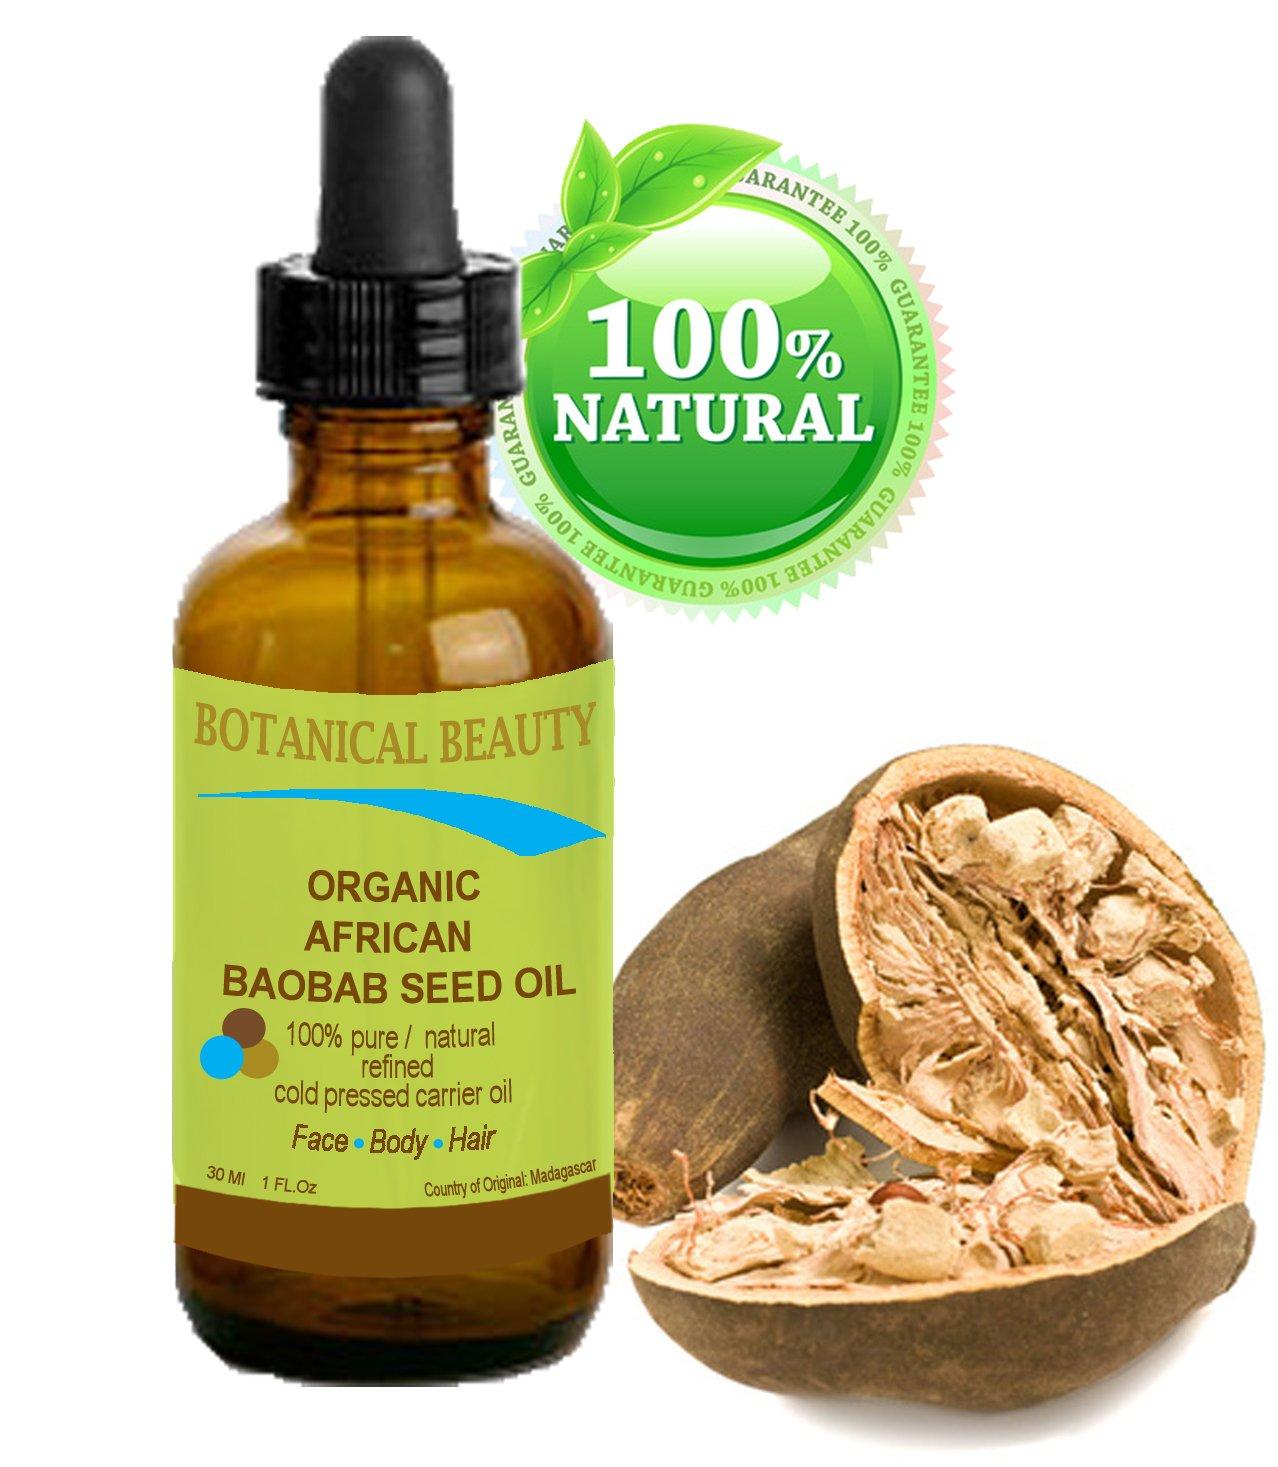 Huile de Baobab BIO en Afrique 100% / raffiné / froid non dilué naturelle pure huile pressée pour la peau, les cheveux, les lèvres et les soins des ongles - 30 ml. Riche en vitamines A, D, E et F e